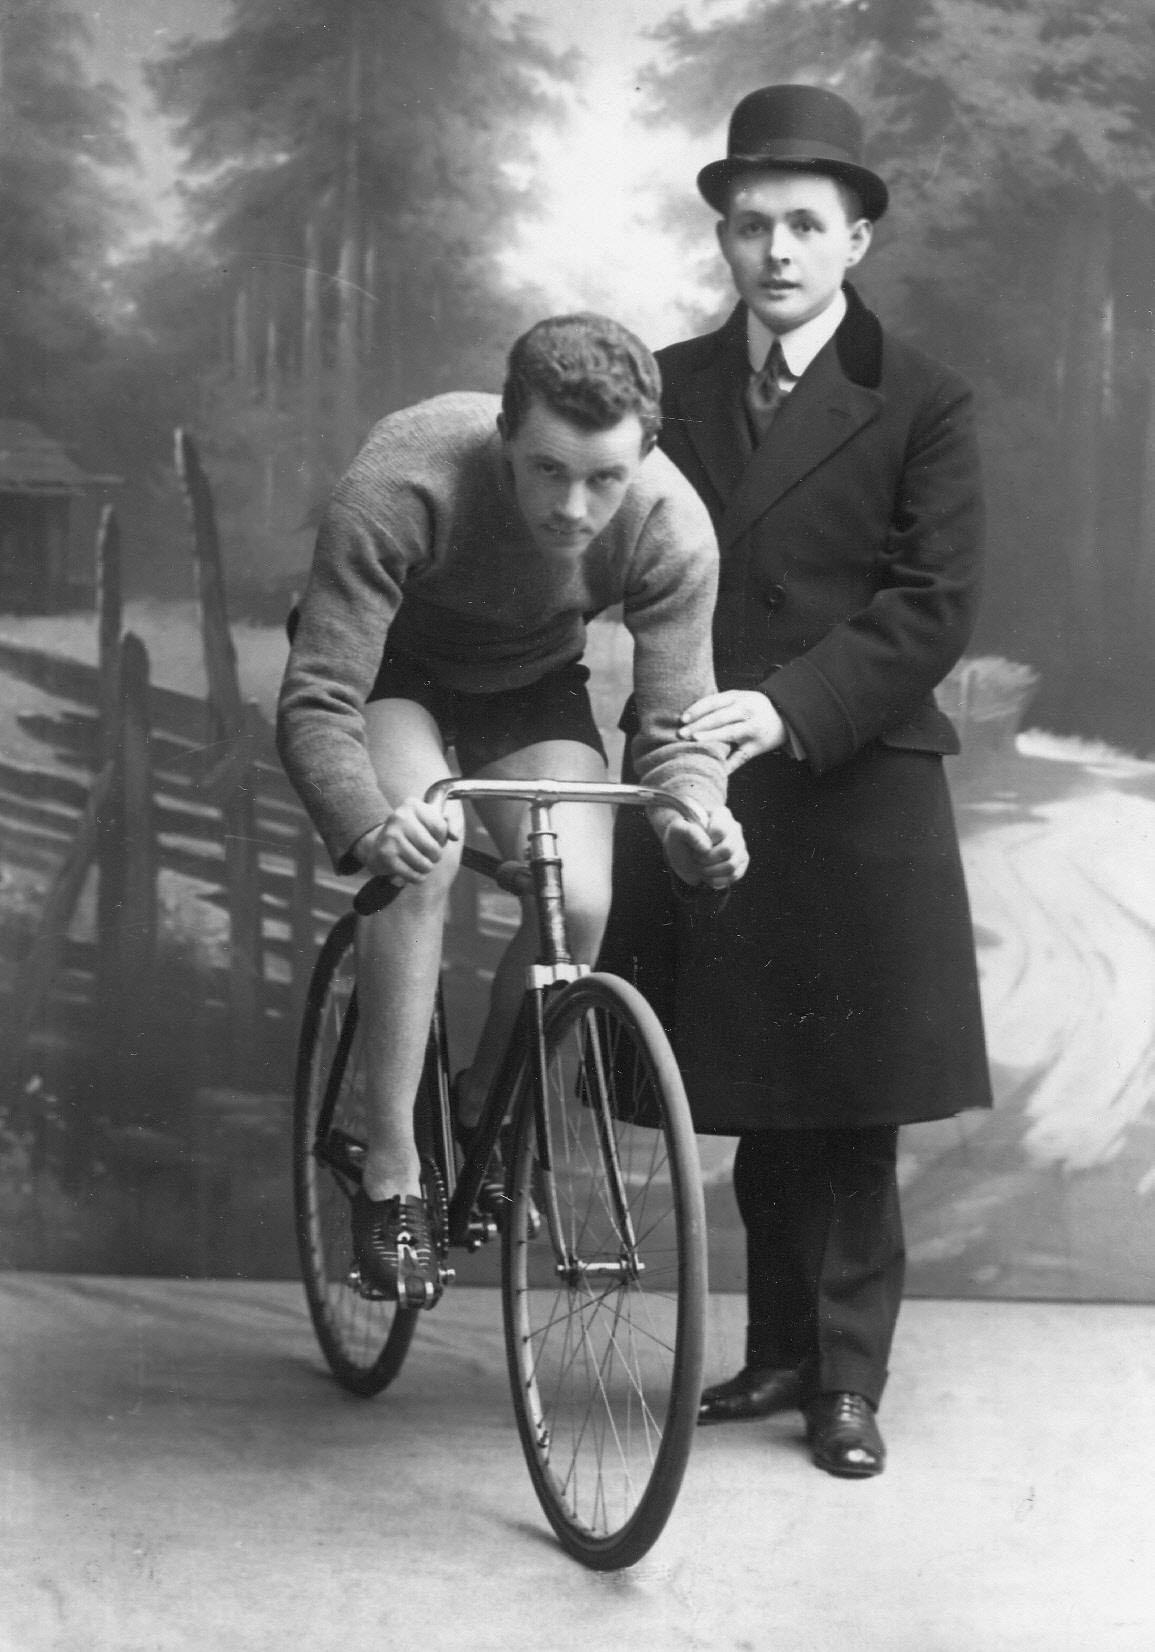 Участники велогонок гонщики Столь (США; стоит) и Войтиков (Германия; сидит на велосипеде)